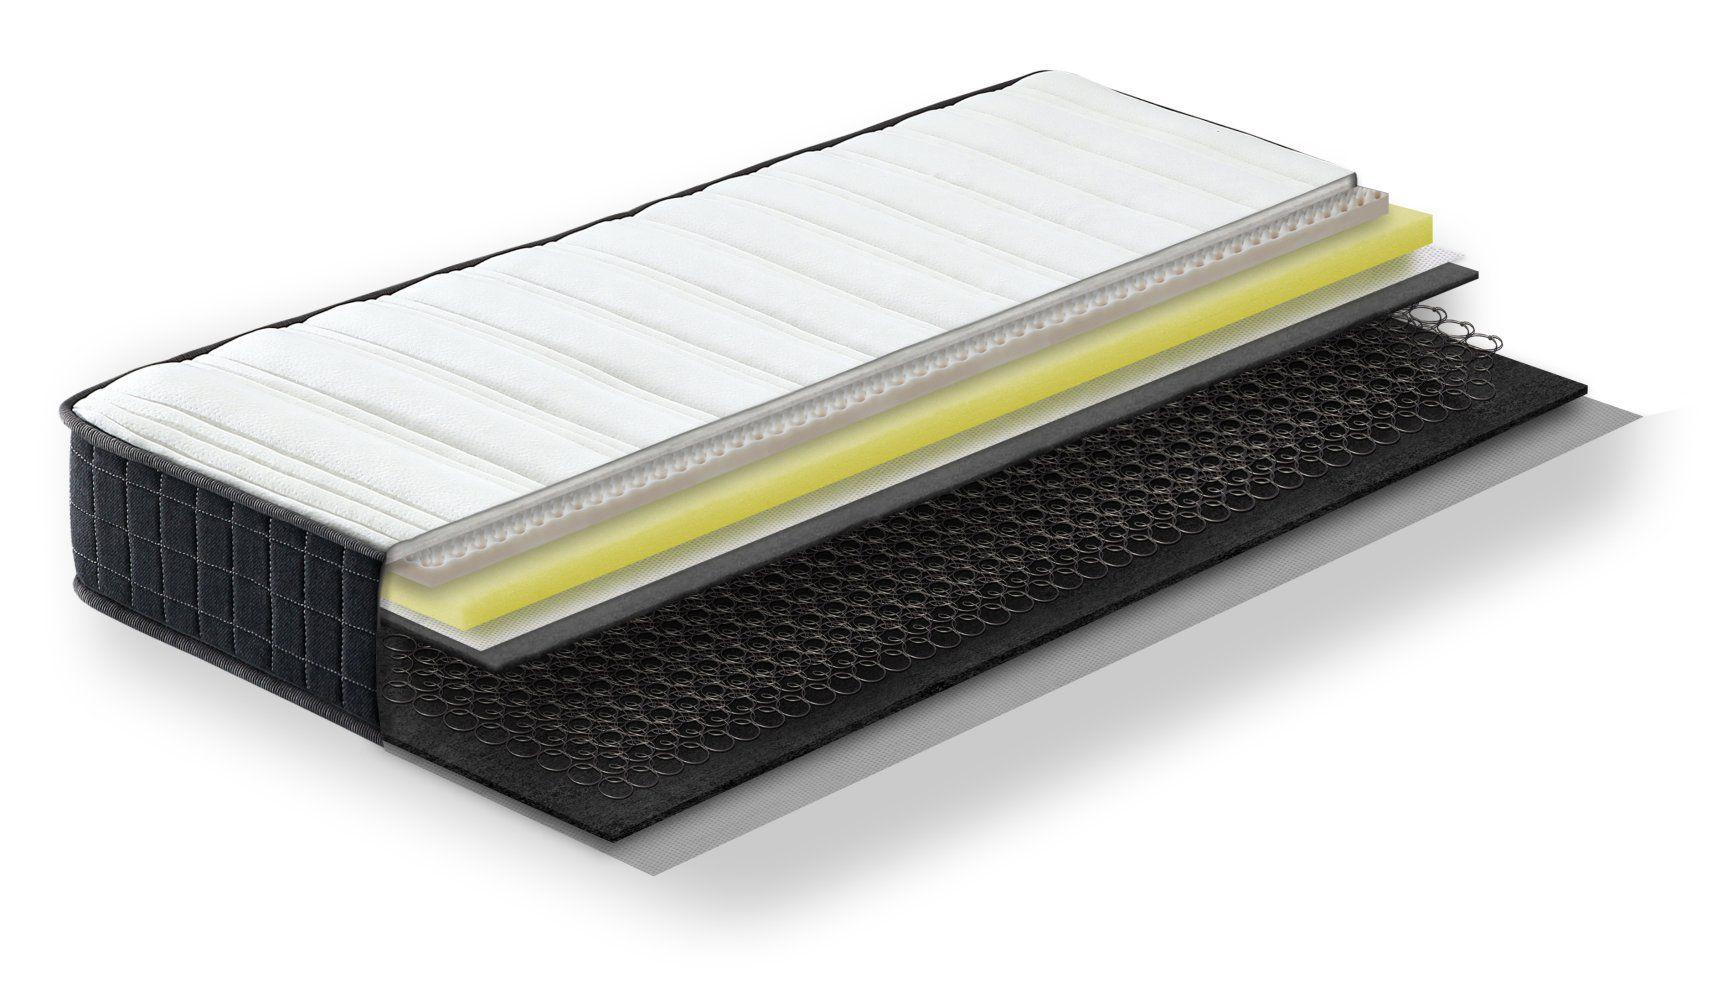 Steiner Premium Matratze Dream mit Bonellfederkern - Größe: 140 x 200 cm, Härtegrad H2-H3, Höhe: 20 cm